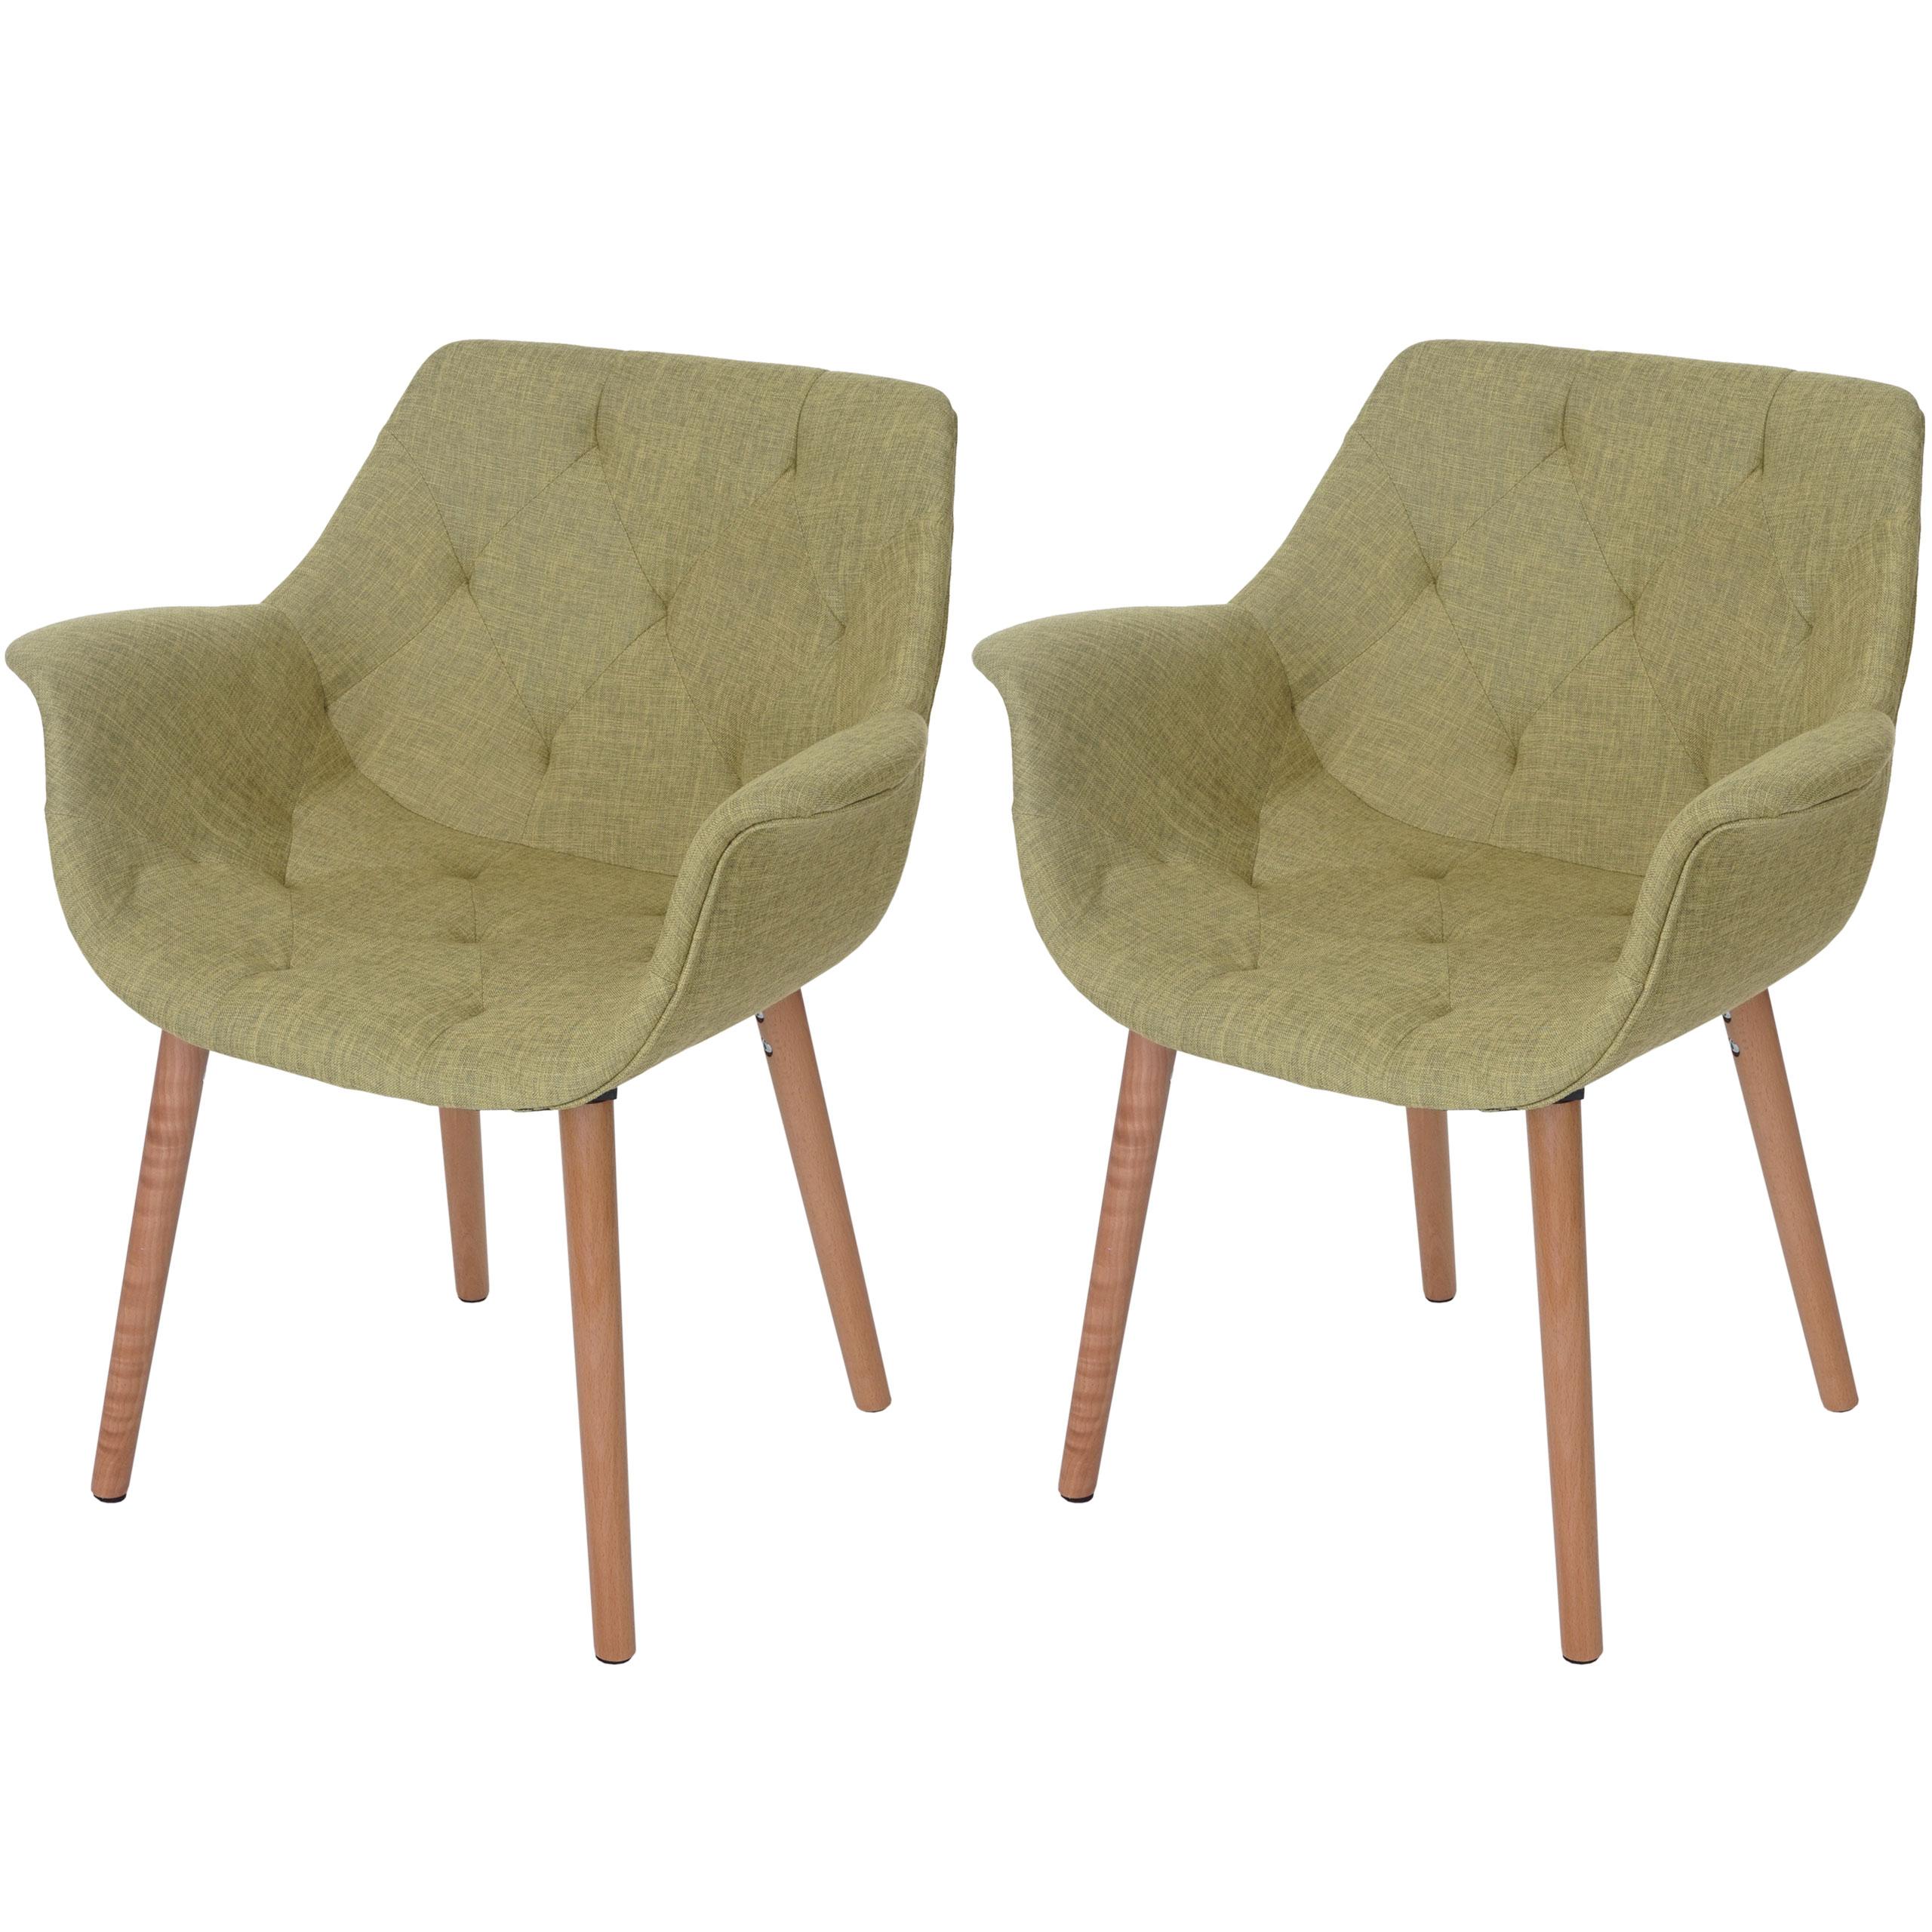 2x esszimmerstuhl malm t820 stuhl lehnstuhl retro 50er for Stuhl design 50er